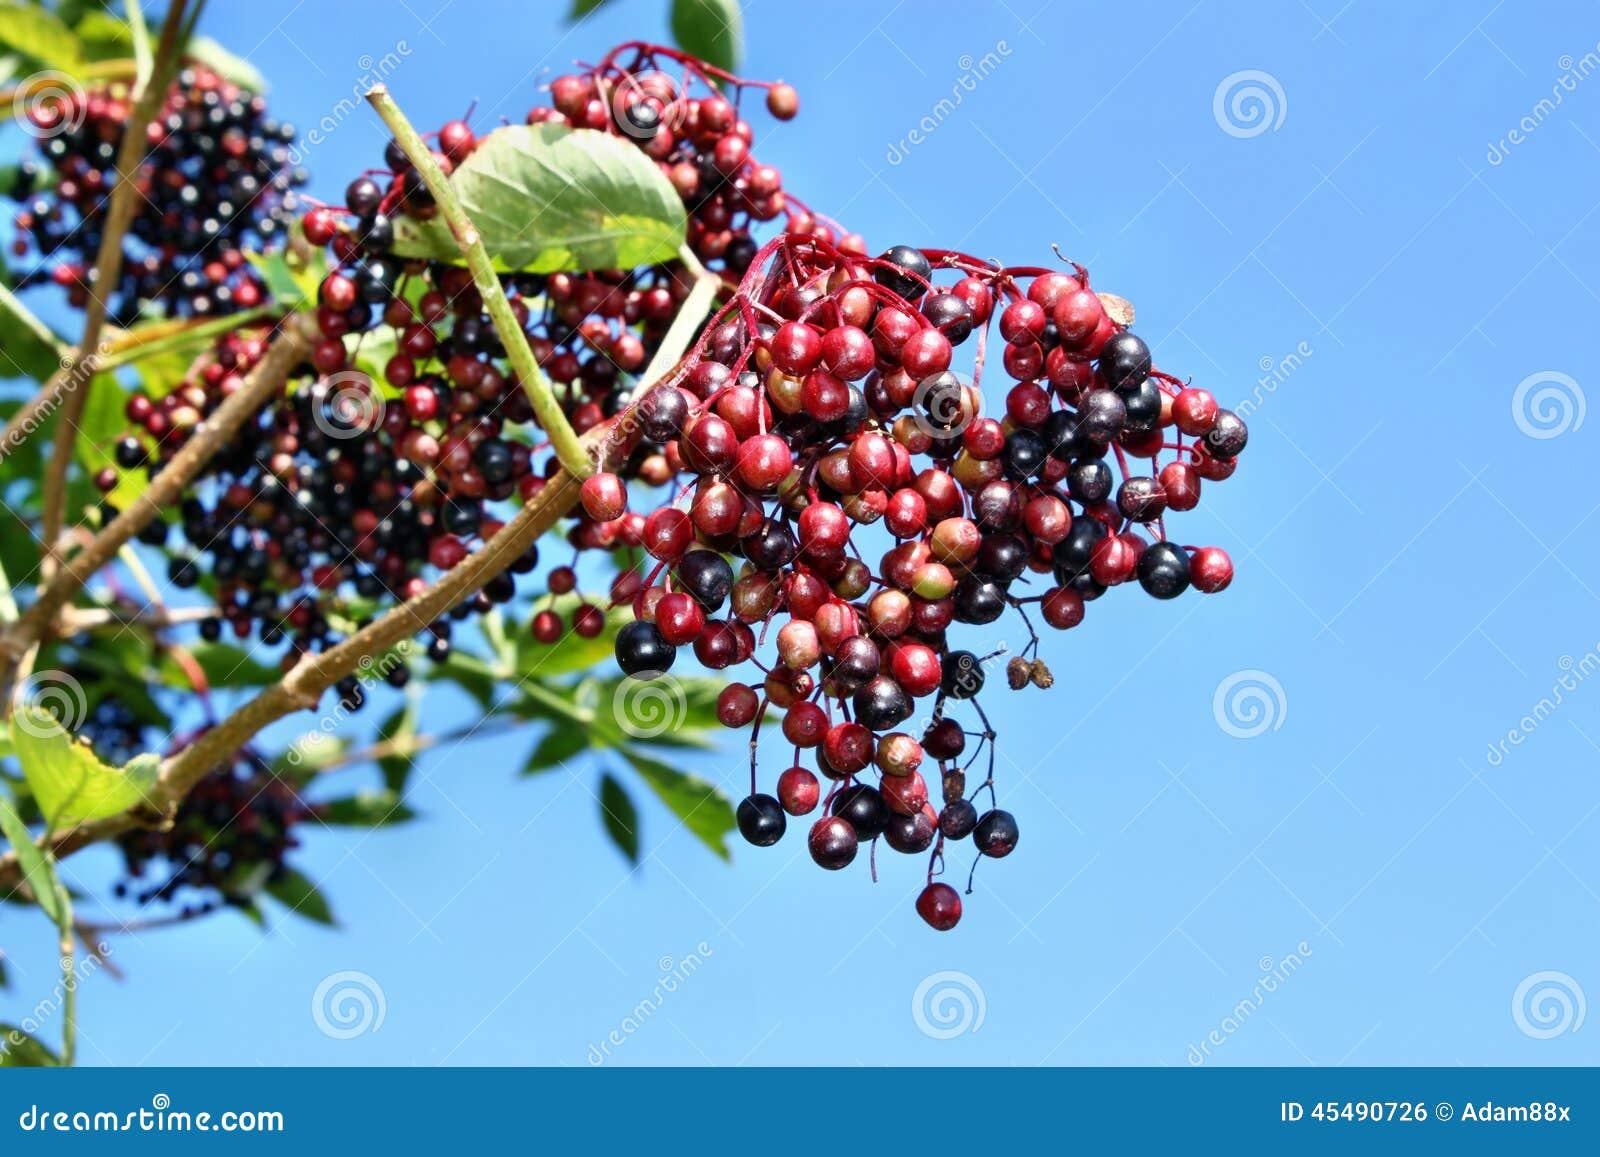 接骨木浆果未成熟的果子